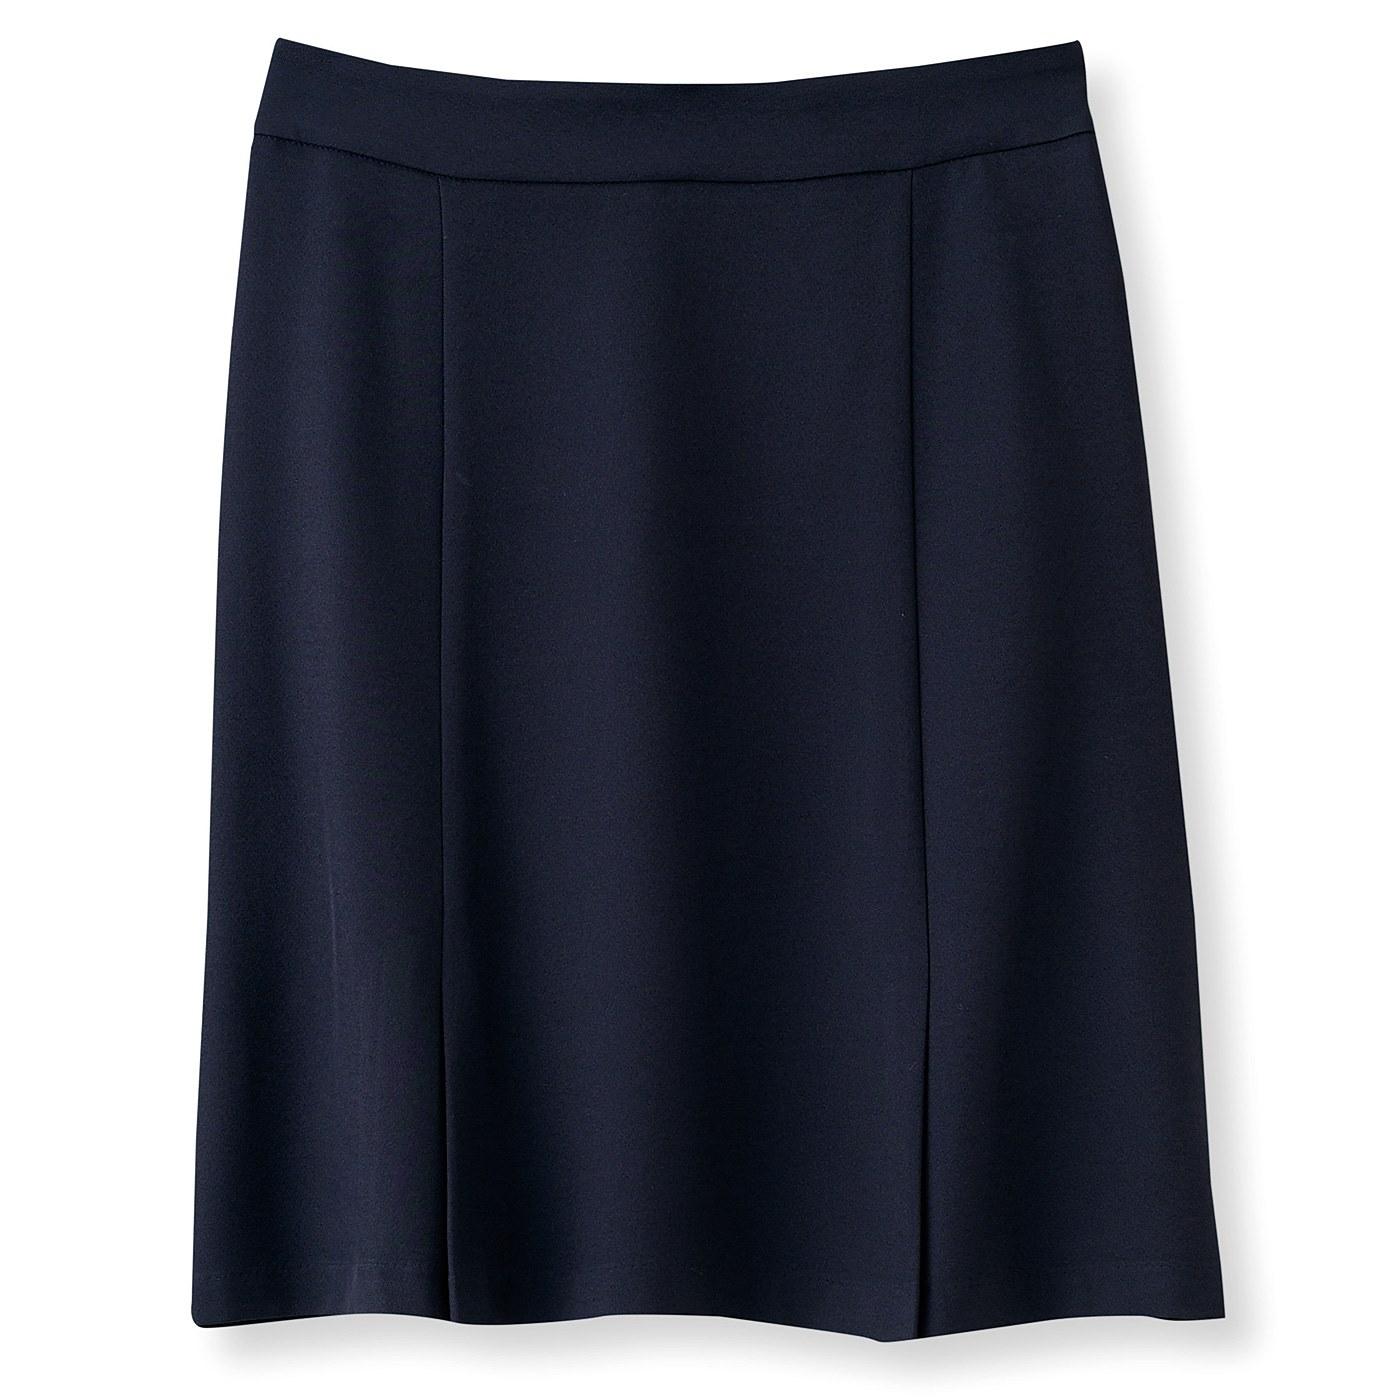 ドライシャークIラインスカート〈NV〉DBS